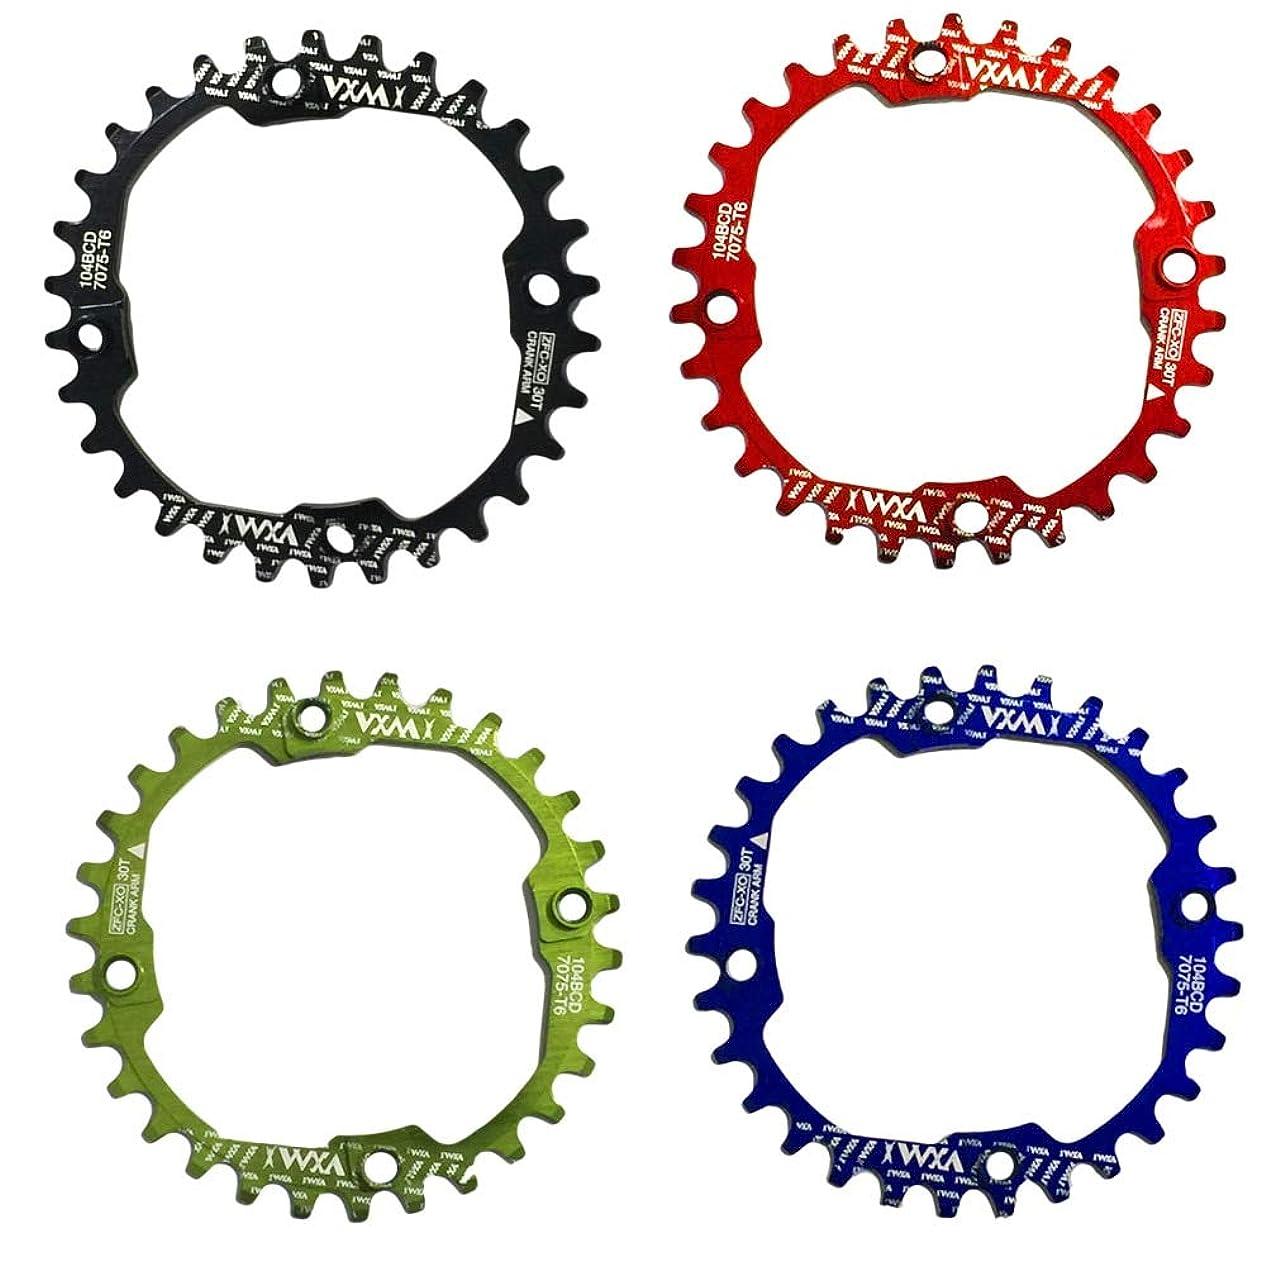 びっくりした義務付けられた怠感Propenary - 1PC Bicycle Chainwheel Crank 30T 104BCD Aluminum Alloy Narrow Wide Chainring Round Bike Chainwheel Crankset Bicycle Parts [ Blue ]